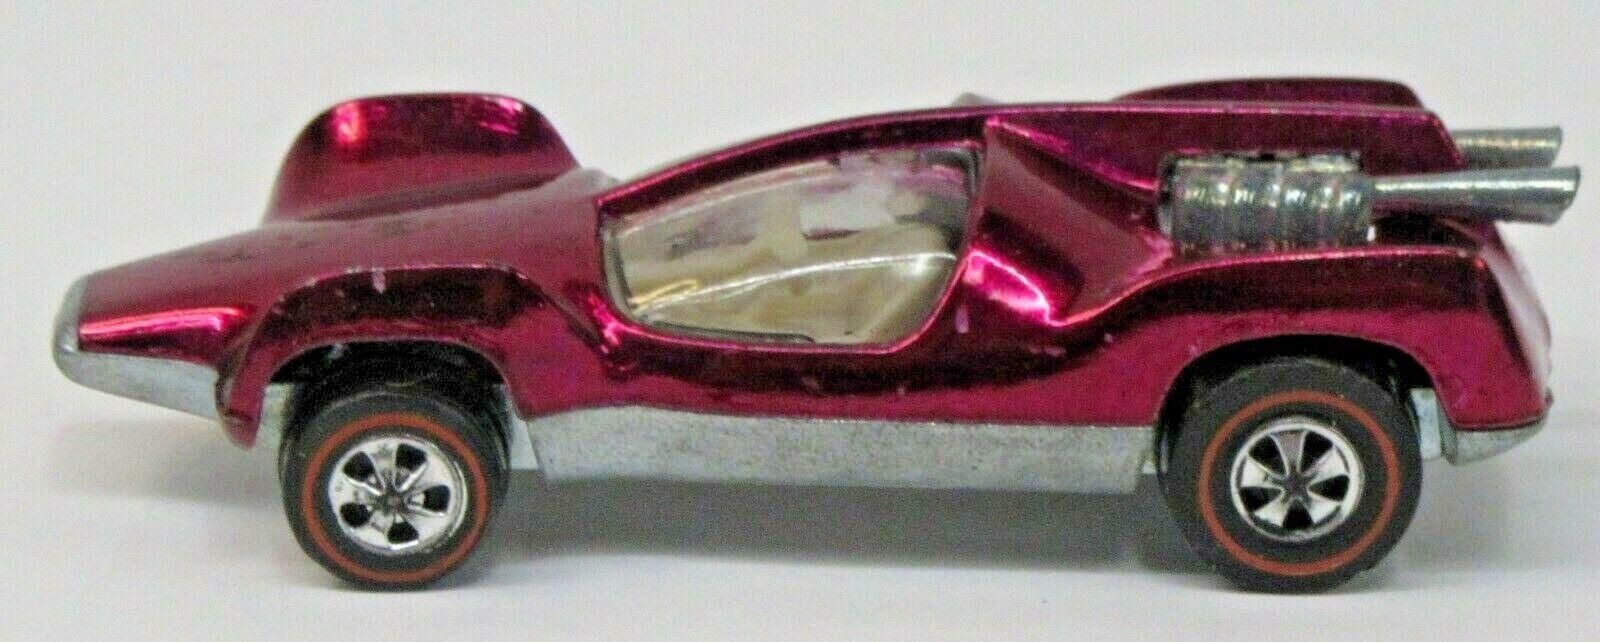 Hot wheels rougeline Mantis Magenta Near Comme neuf